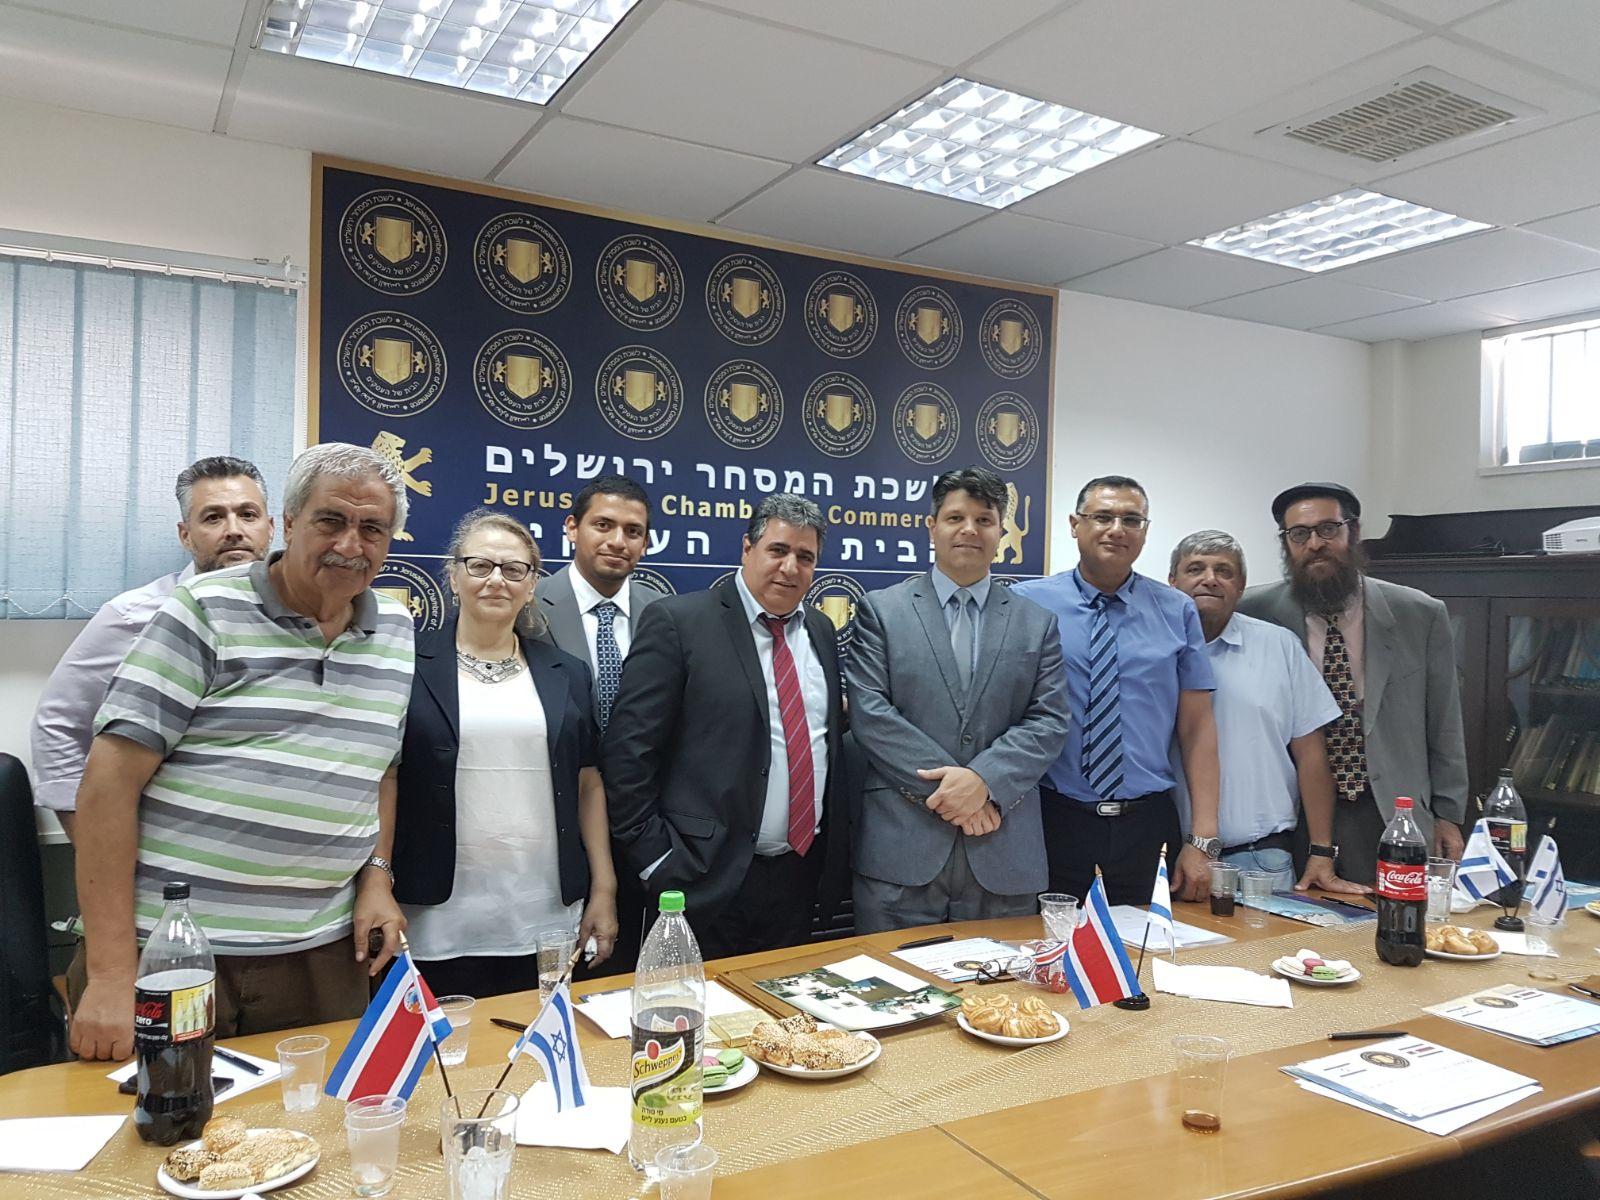 חברי הנהלה יחד עם שגריר קוסטה ריקה